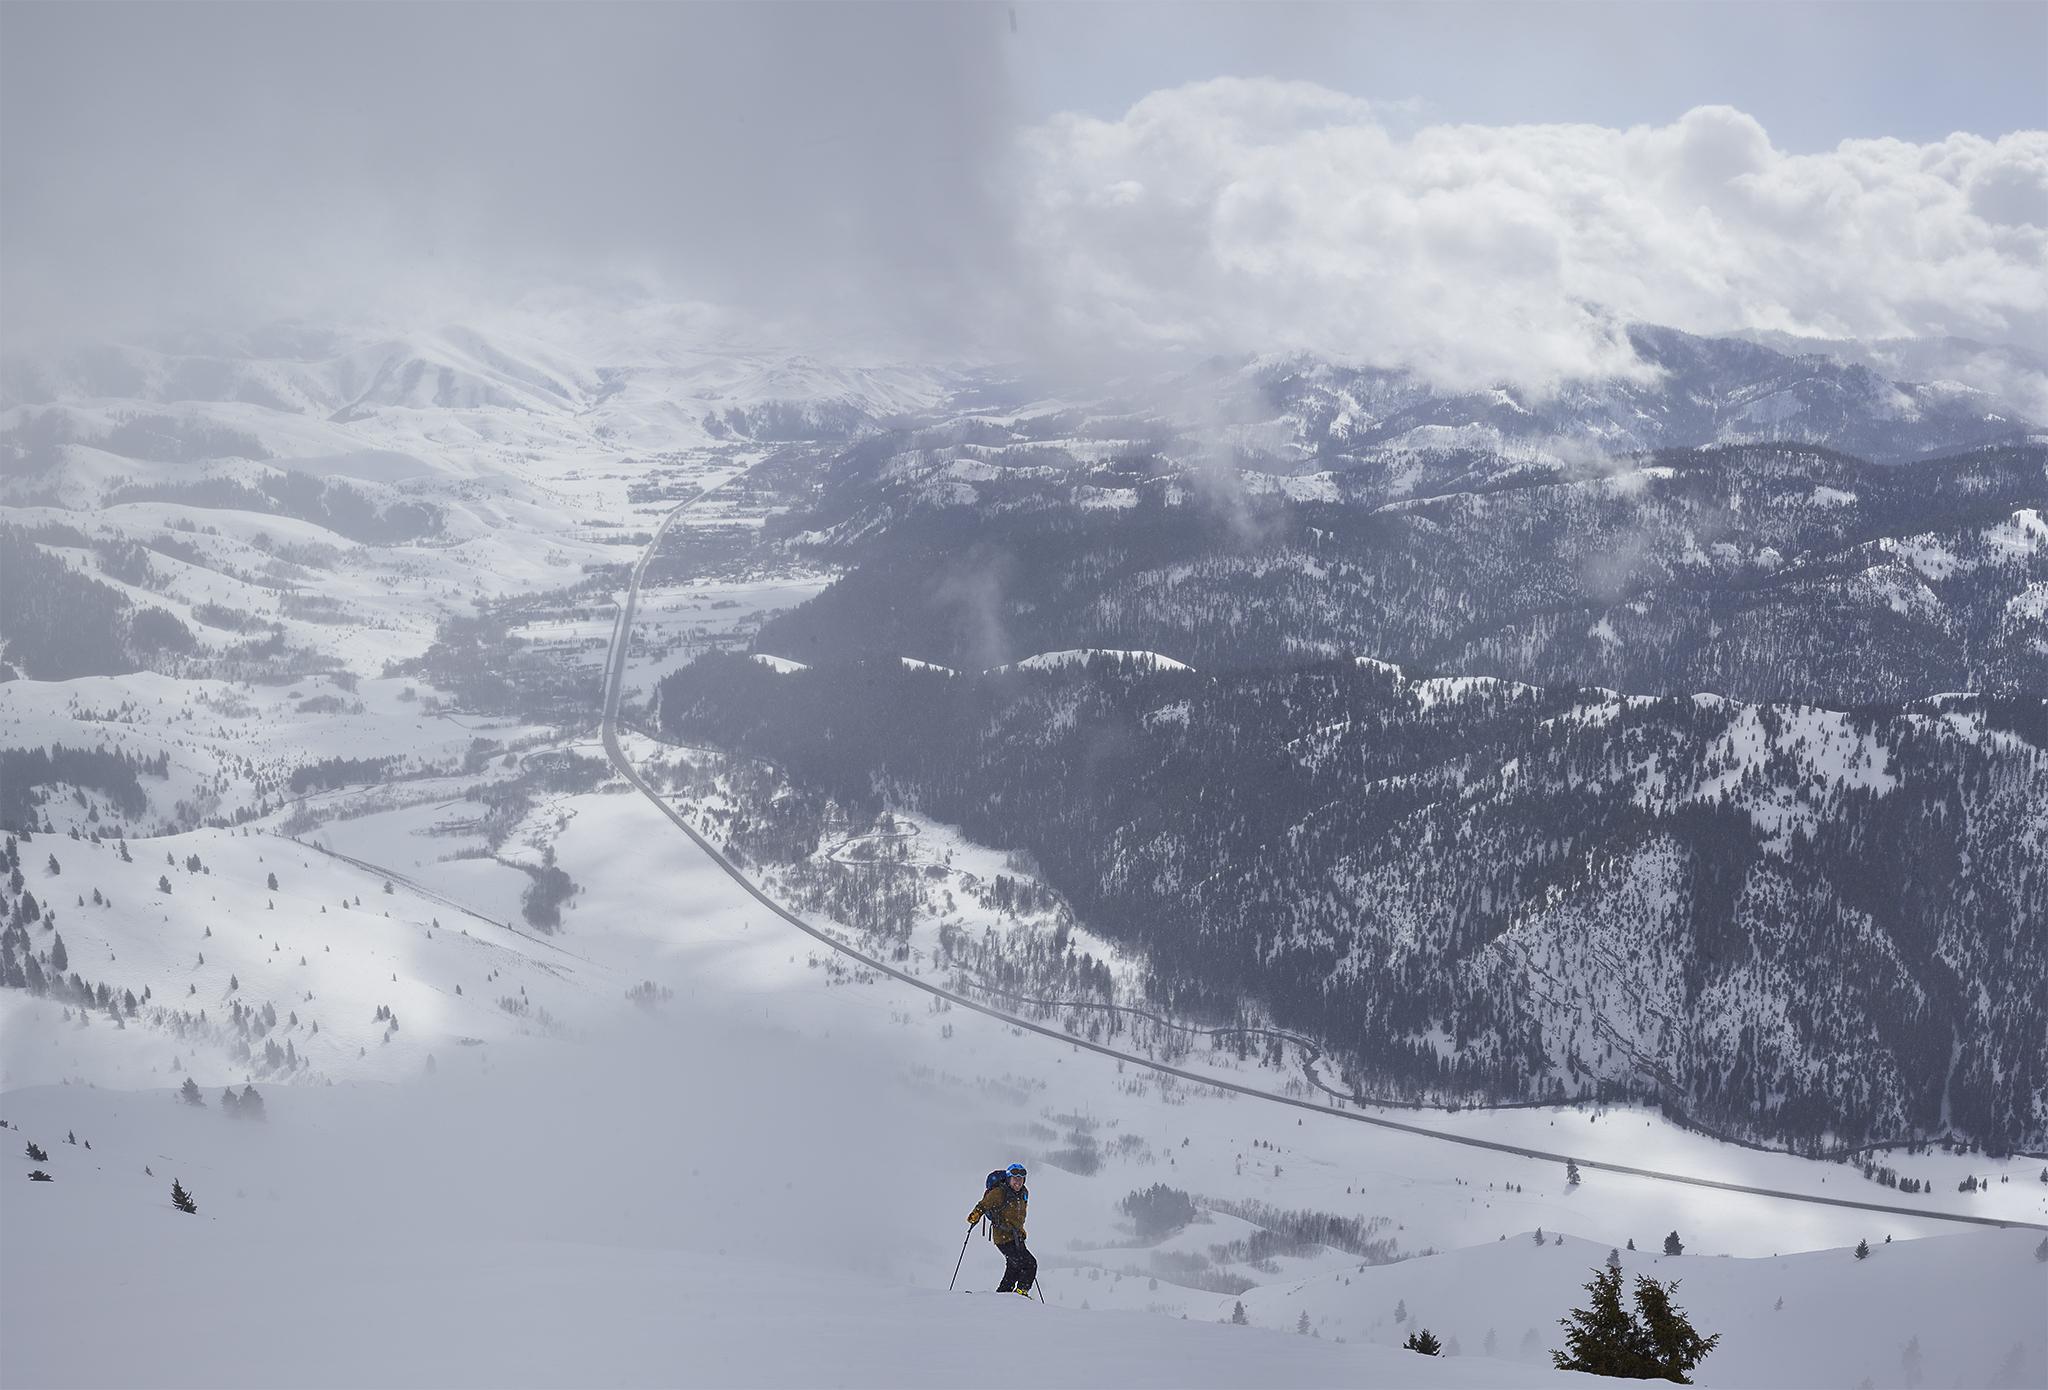 Kyle on Top Big Ski Boulders